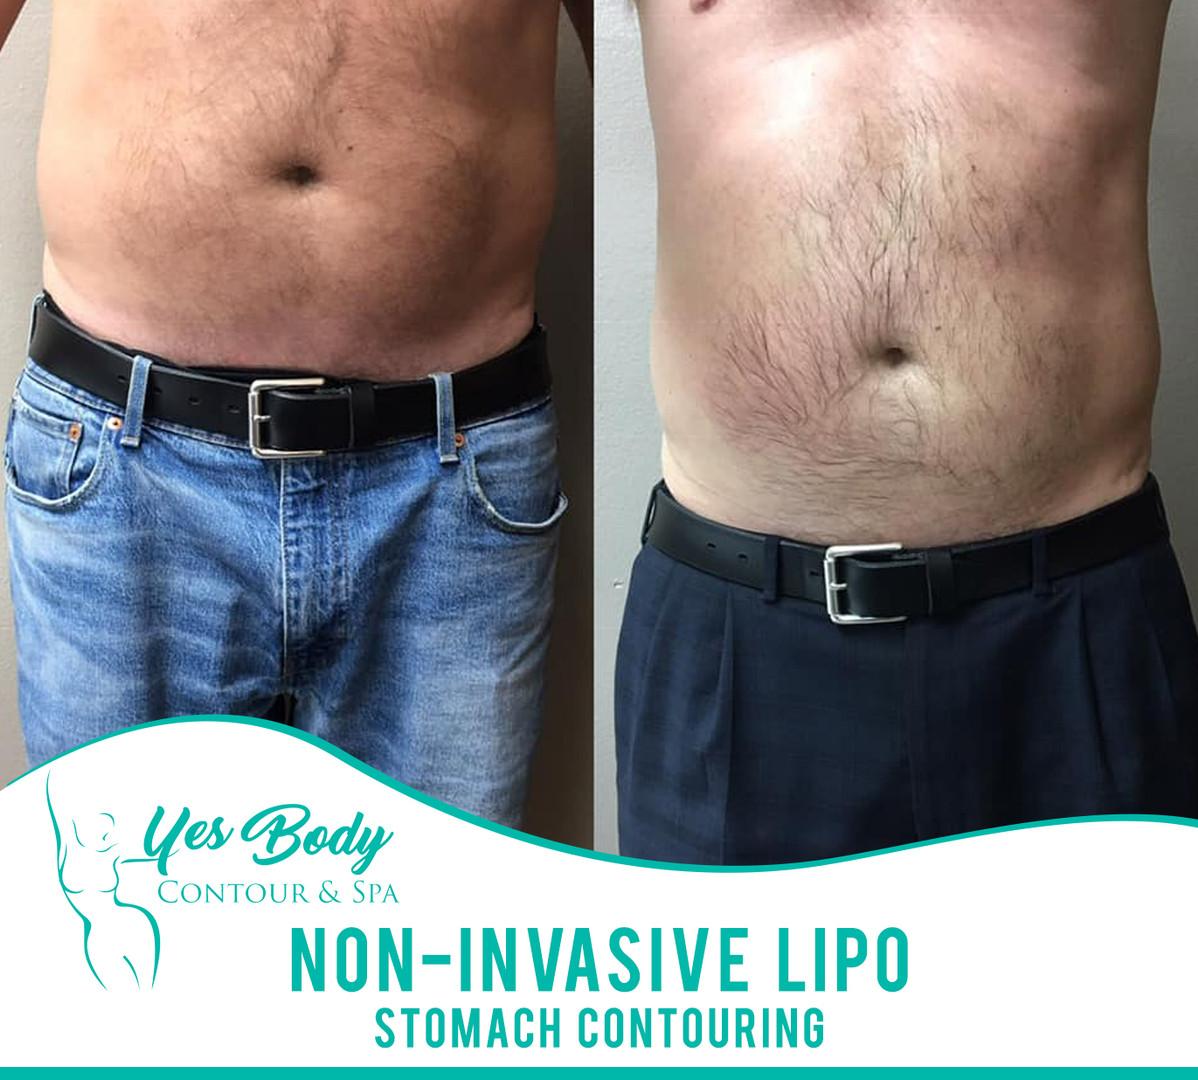 Non-Invasive Lipo | Pensacola | Yes Body